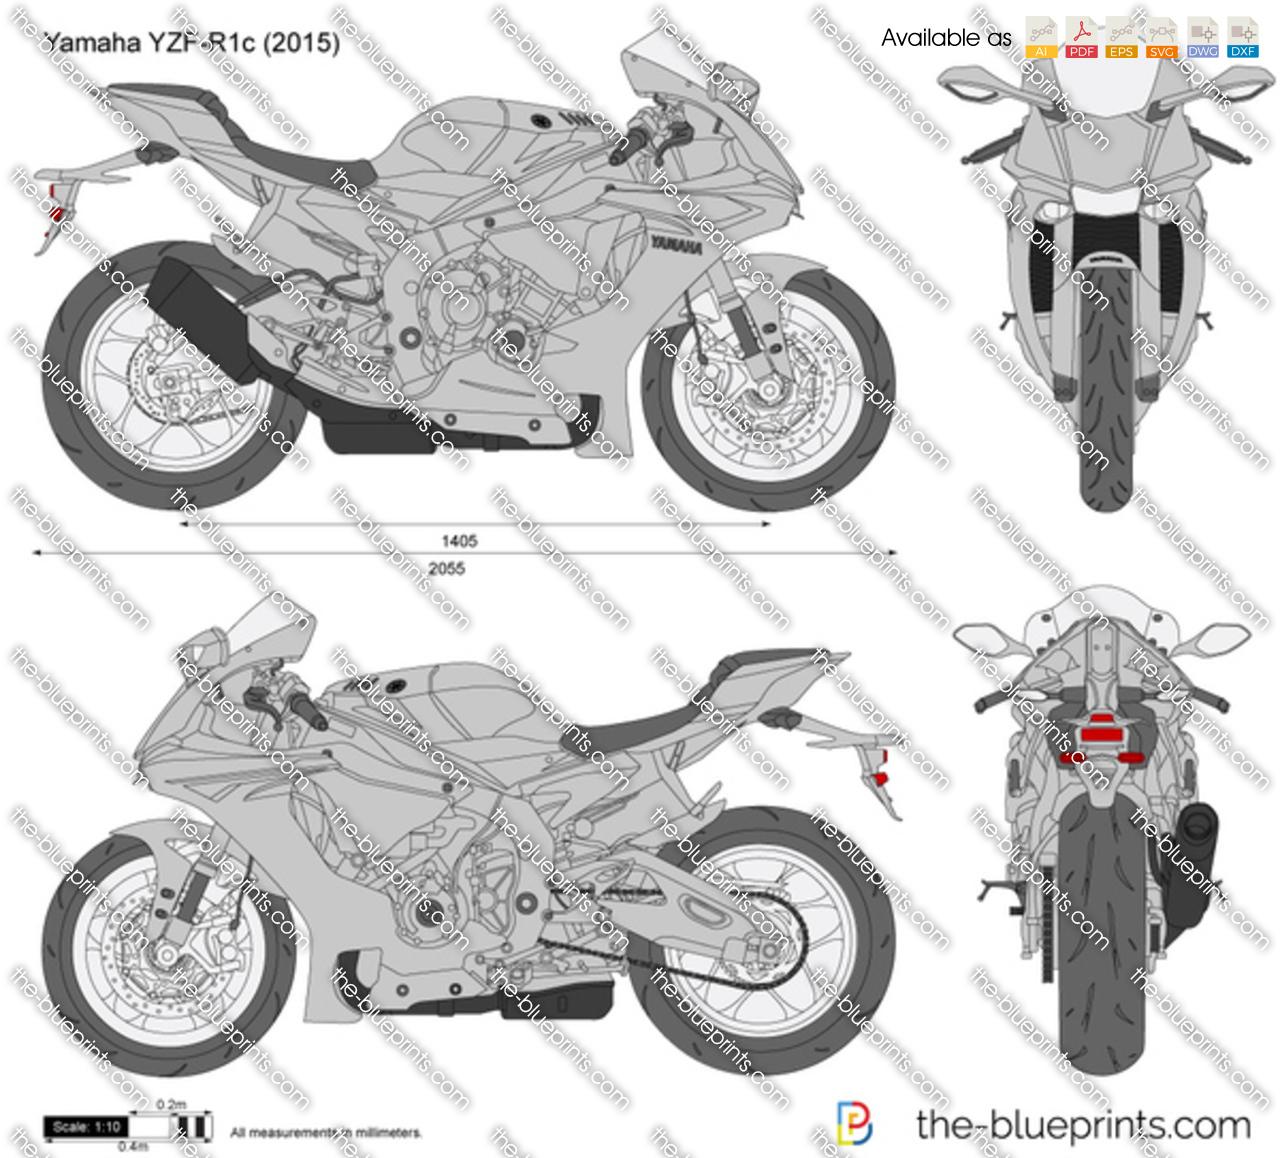 Yamaha YZF-R1c 2018